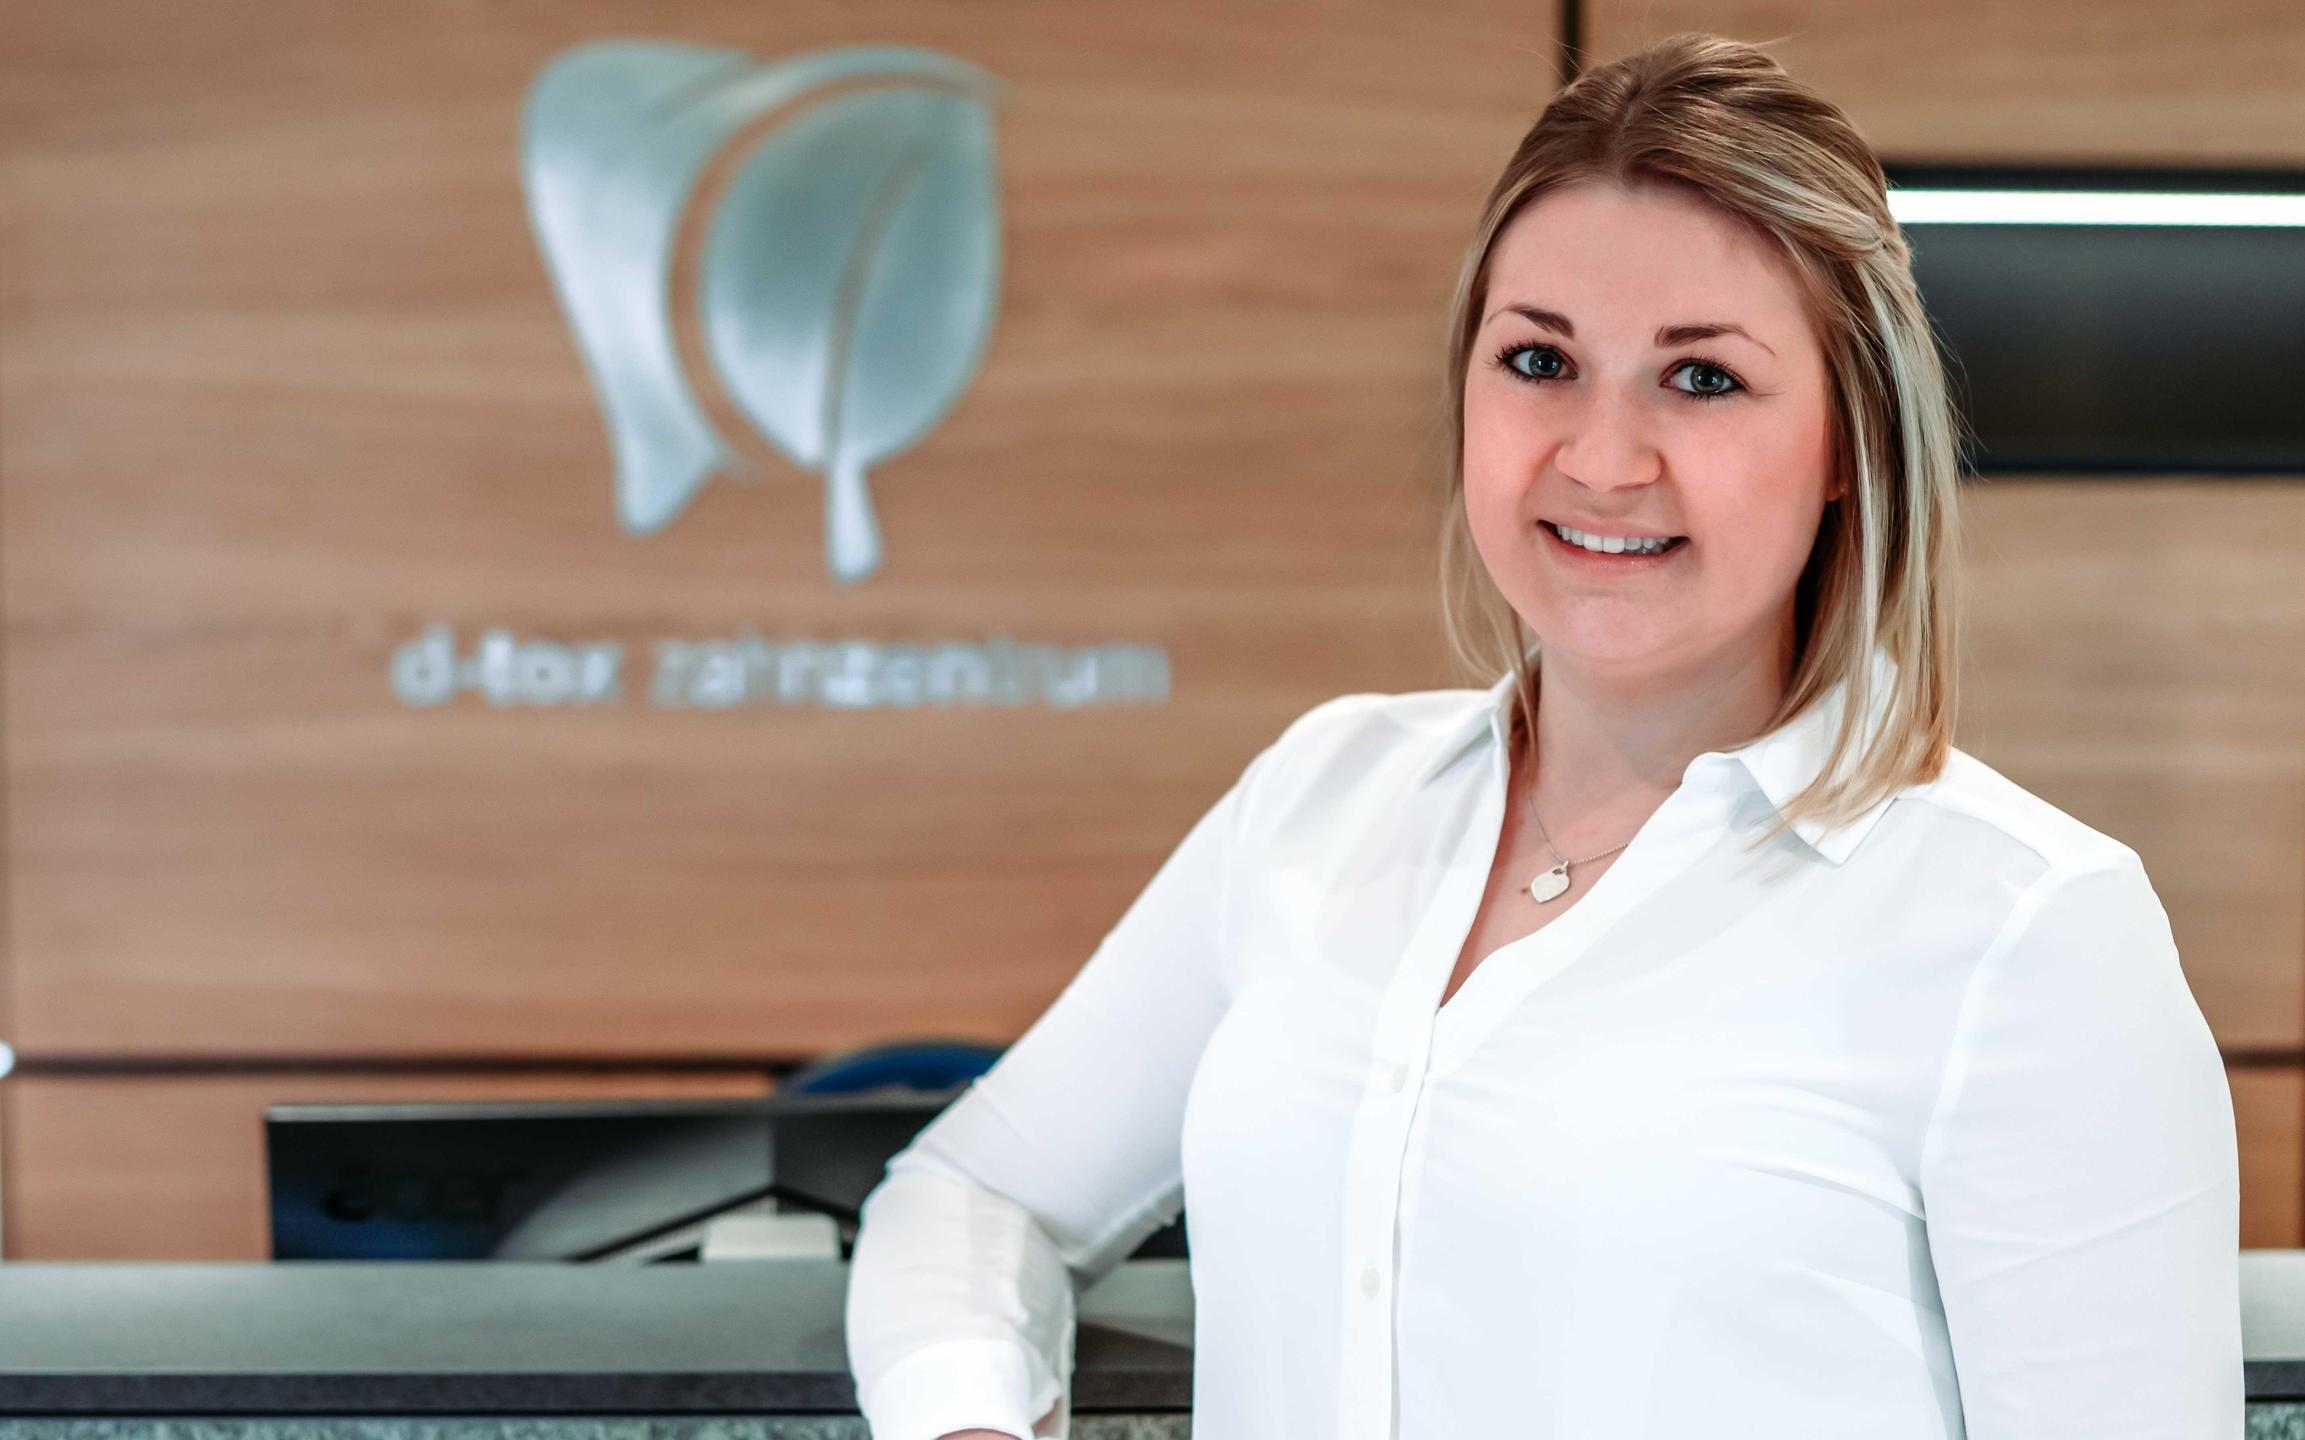 Verena Noder - Zahnmedizinische Verwaltungsassistentin im D-tox Zahnzentrum für Biologische Zahnmedizin